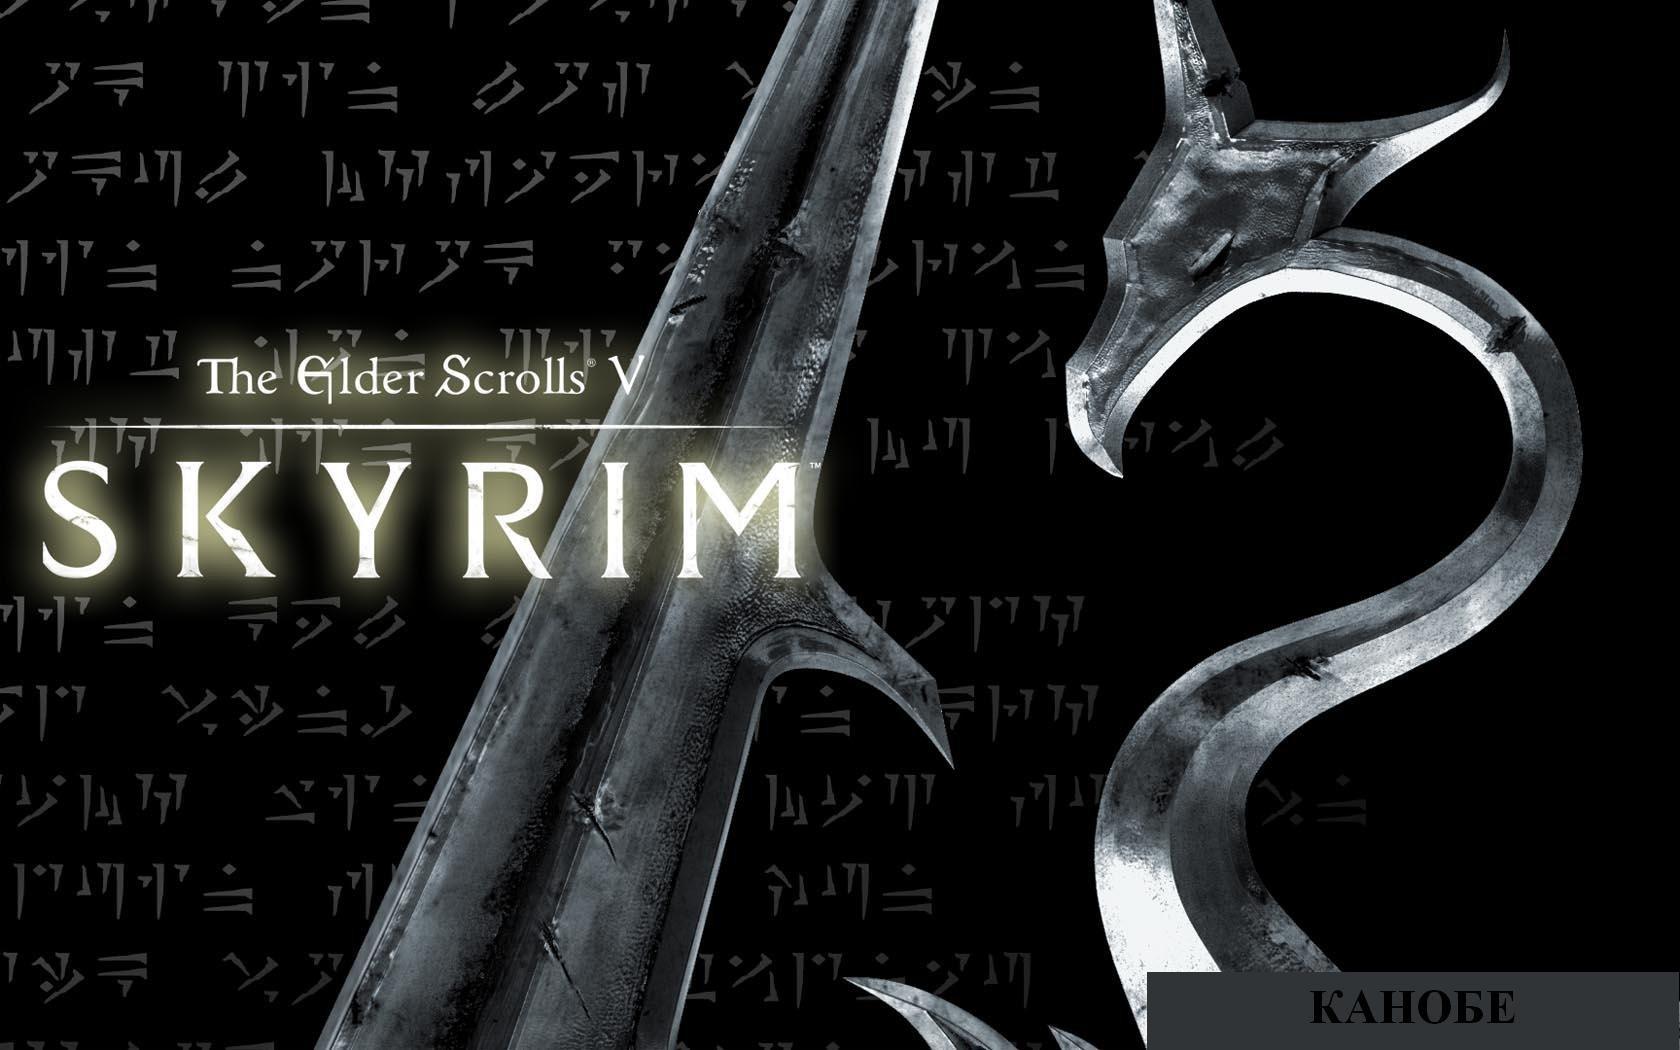 Skyrim 2 анонсирован. Выйдет в 2014-2015 году.#КАНОБЕ #Skyrim2 - Изображение 1